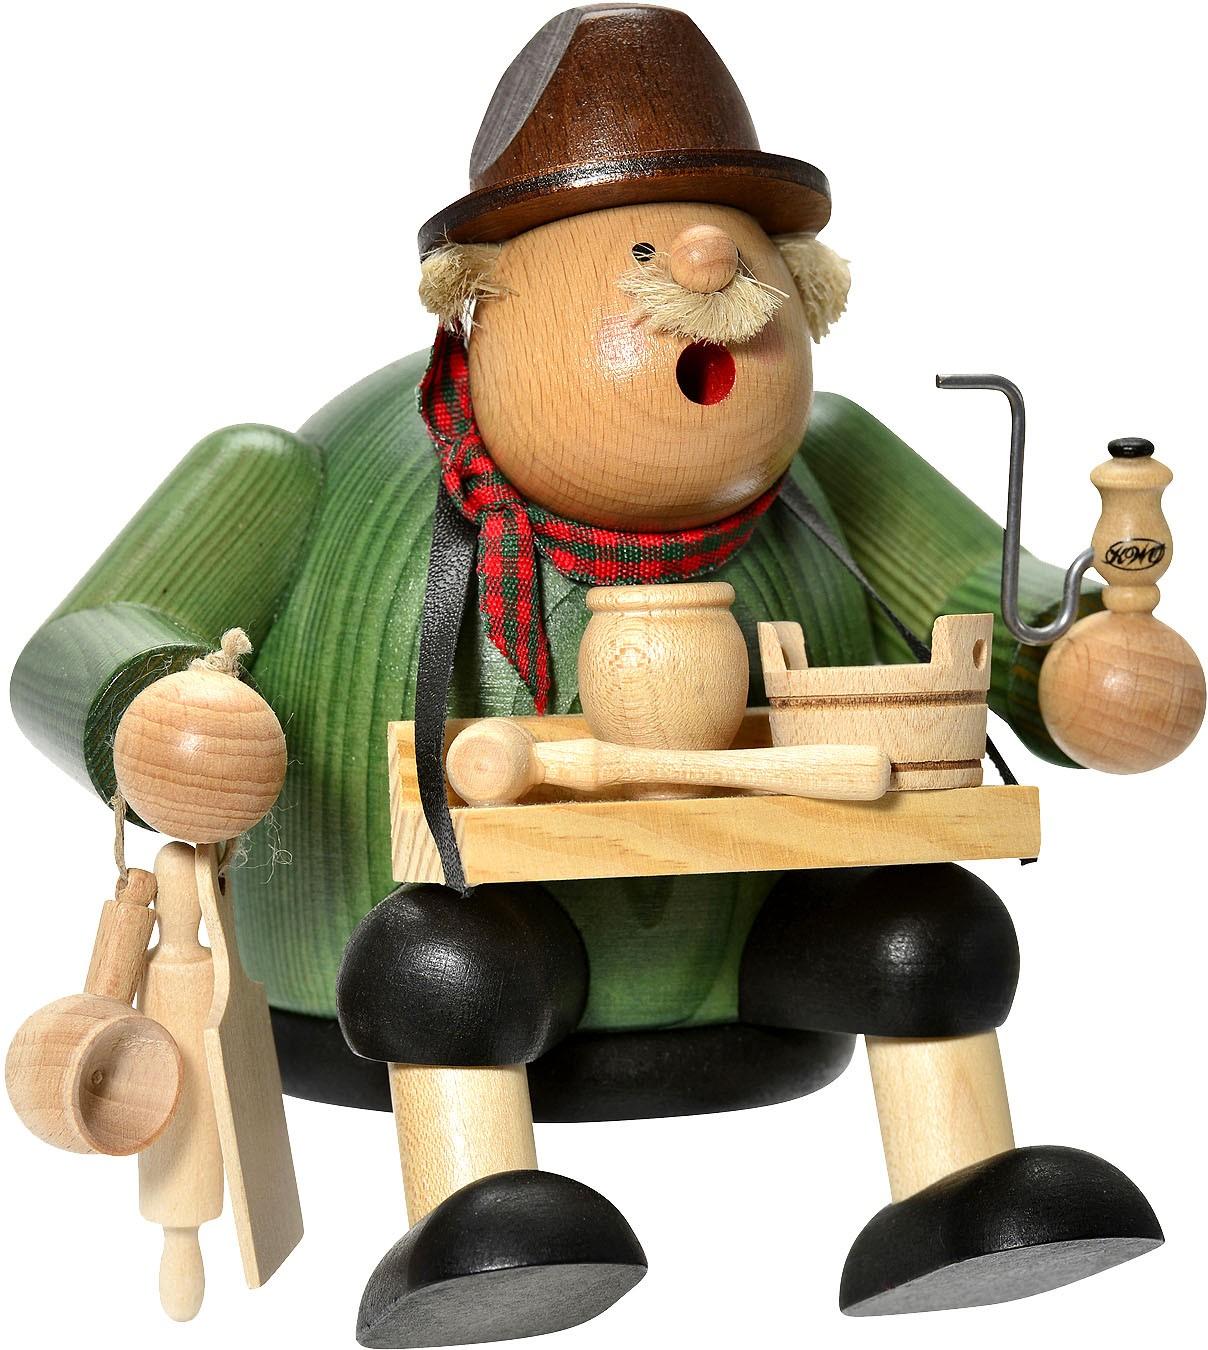 Kantenhocker Holzwarenhändler -Die Dicken-